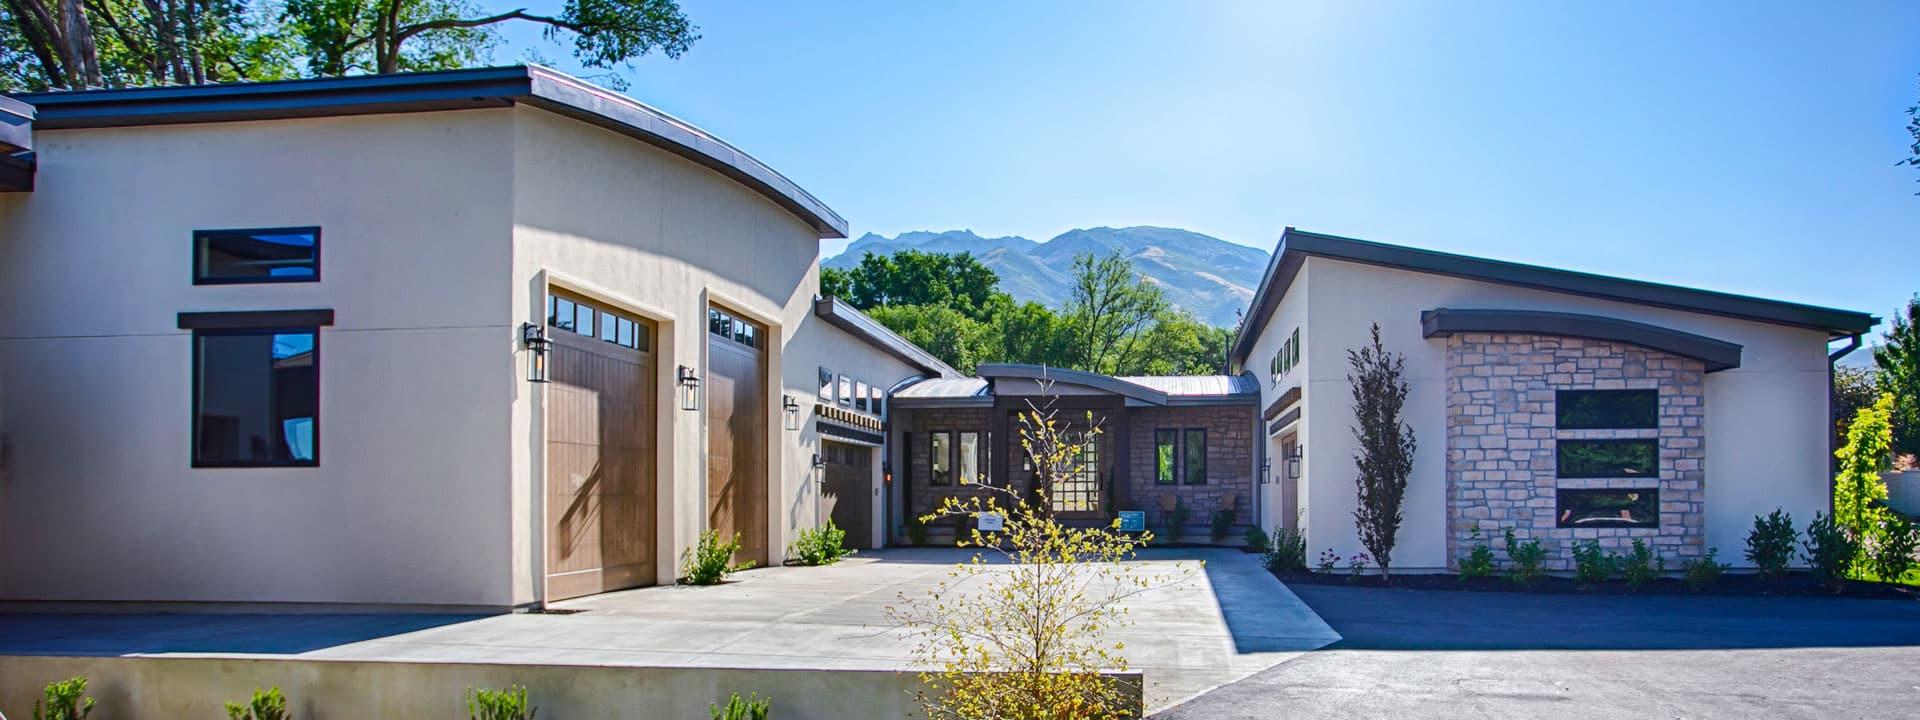 Walker Home Design Your World Class House Plan